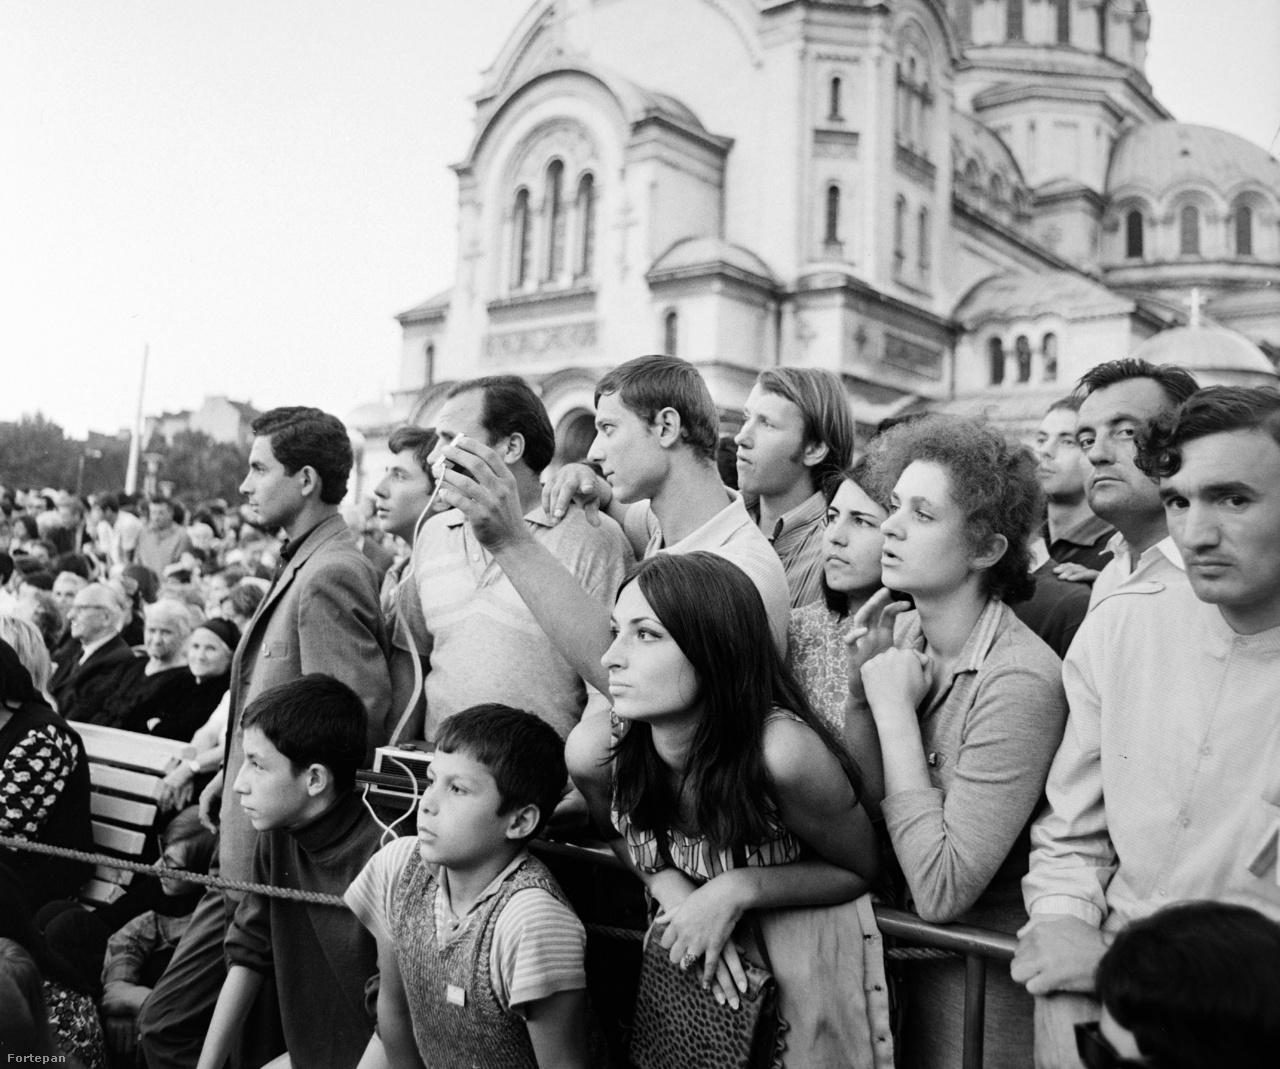 """Nézők a Szófia központjában lévő Alekszandr Nyevszkij székesegyház előtt. 18 ezer külföldi vendég jött a bolgár fővárosba. A helyiek többnyire kordon mögé kényszerültek: miközben a VIT hivatalosan a népek barátságáról szólt, a szovjet blokkon belül is keményvonalasnak számító Bulgáriában a hatalom egy ilyen baloldali eseményen is tartott a külföldi behatástól. """"Legyetek kedvesek, udvariasak és segítőkészek, de ne bocsátkozzatok semmilyen politikai beszélgetésbe"""" - igazította a segítőként dolgozó középiskolákat a vezetés."""